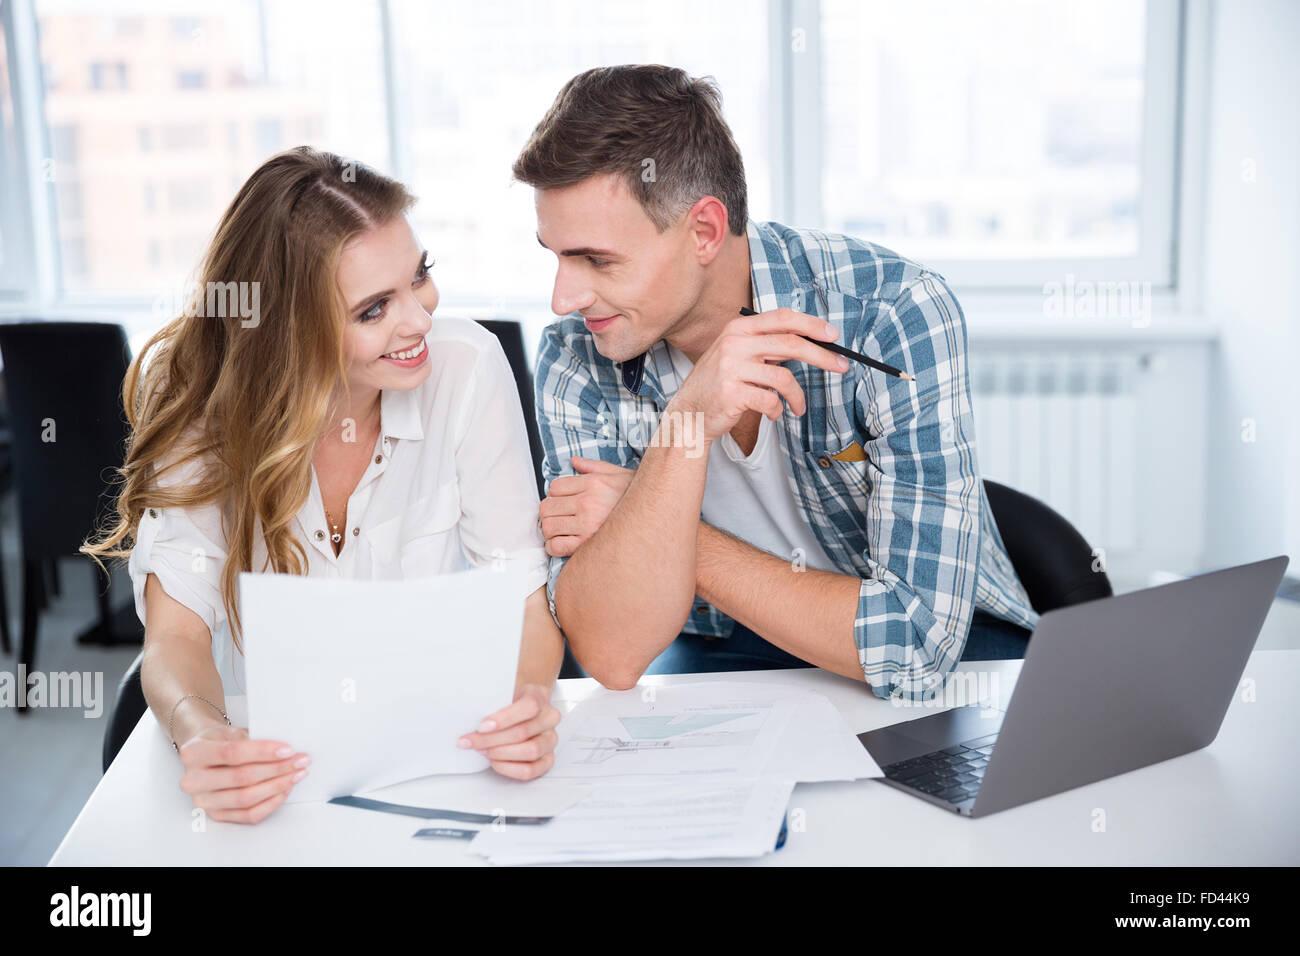 Allegro l uomo e la donna che lavorano e flirtare sul business meeting Immagini Stock